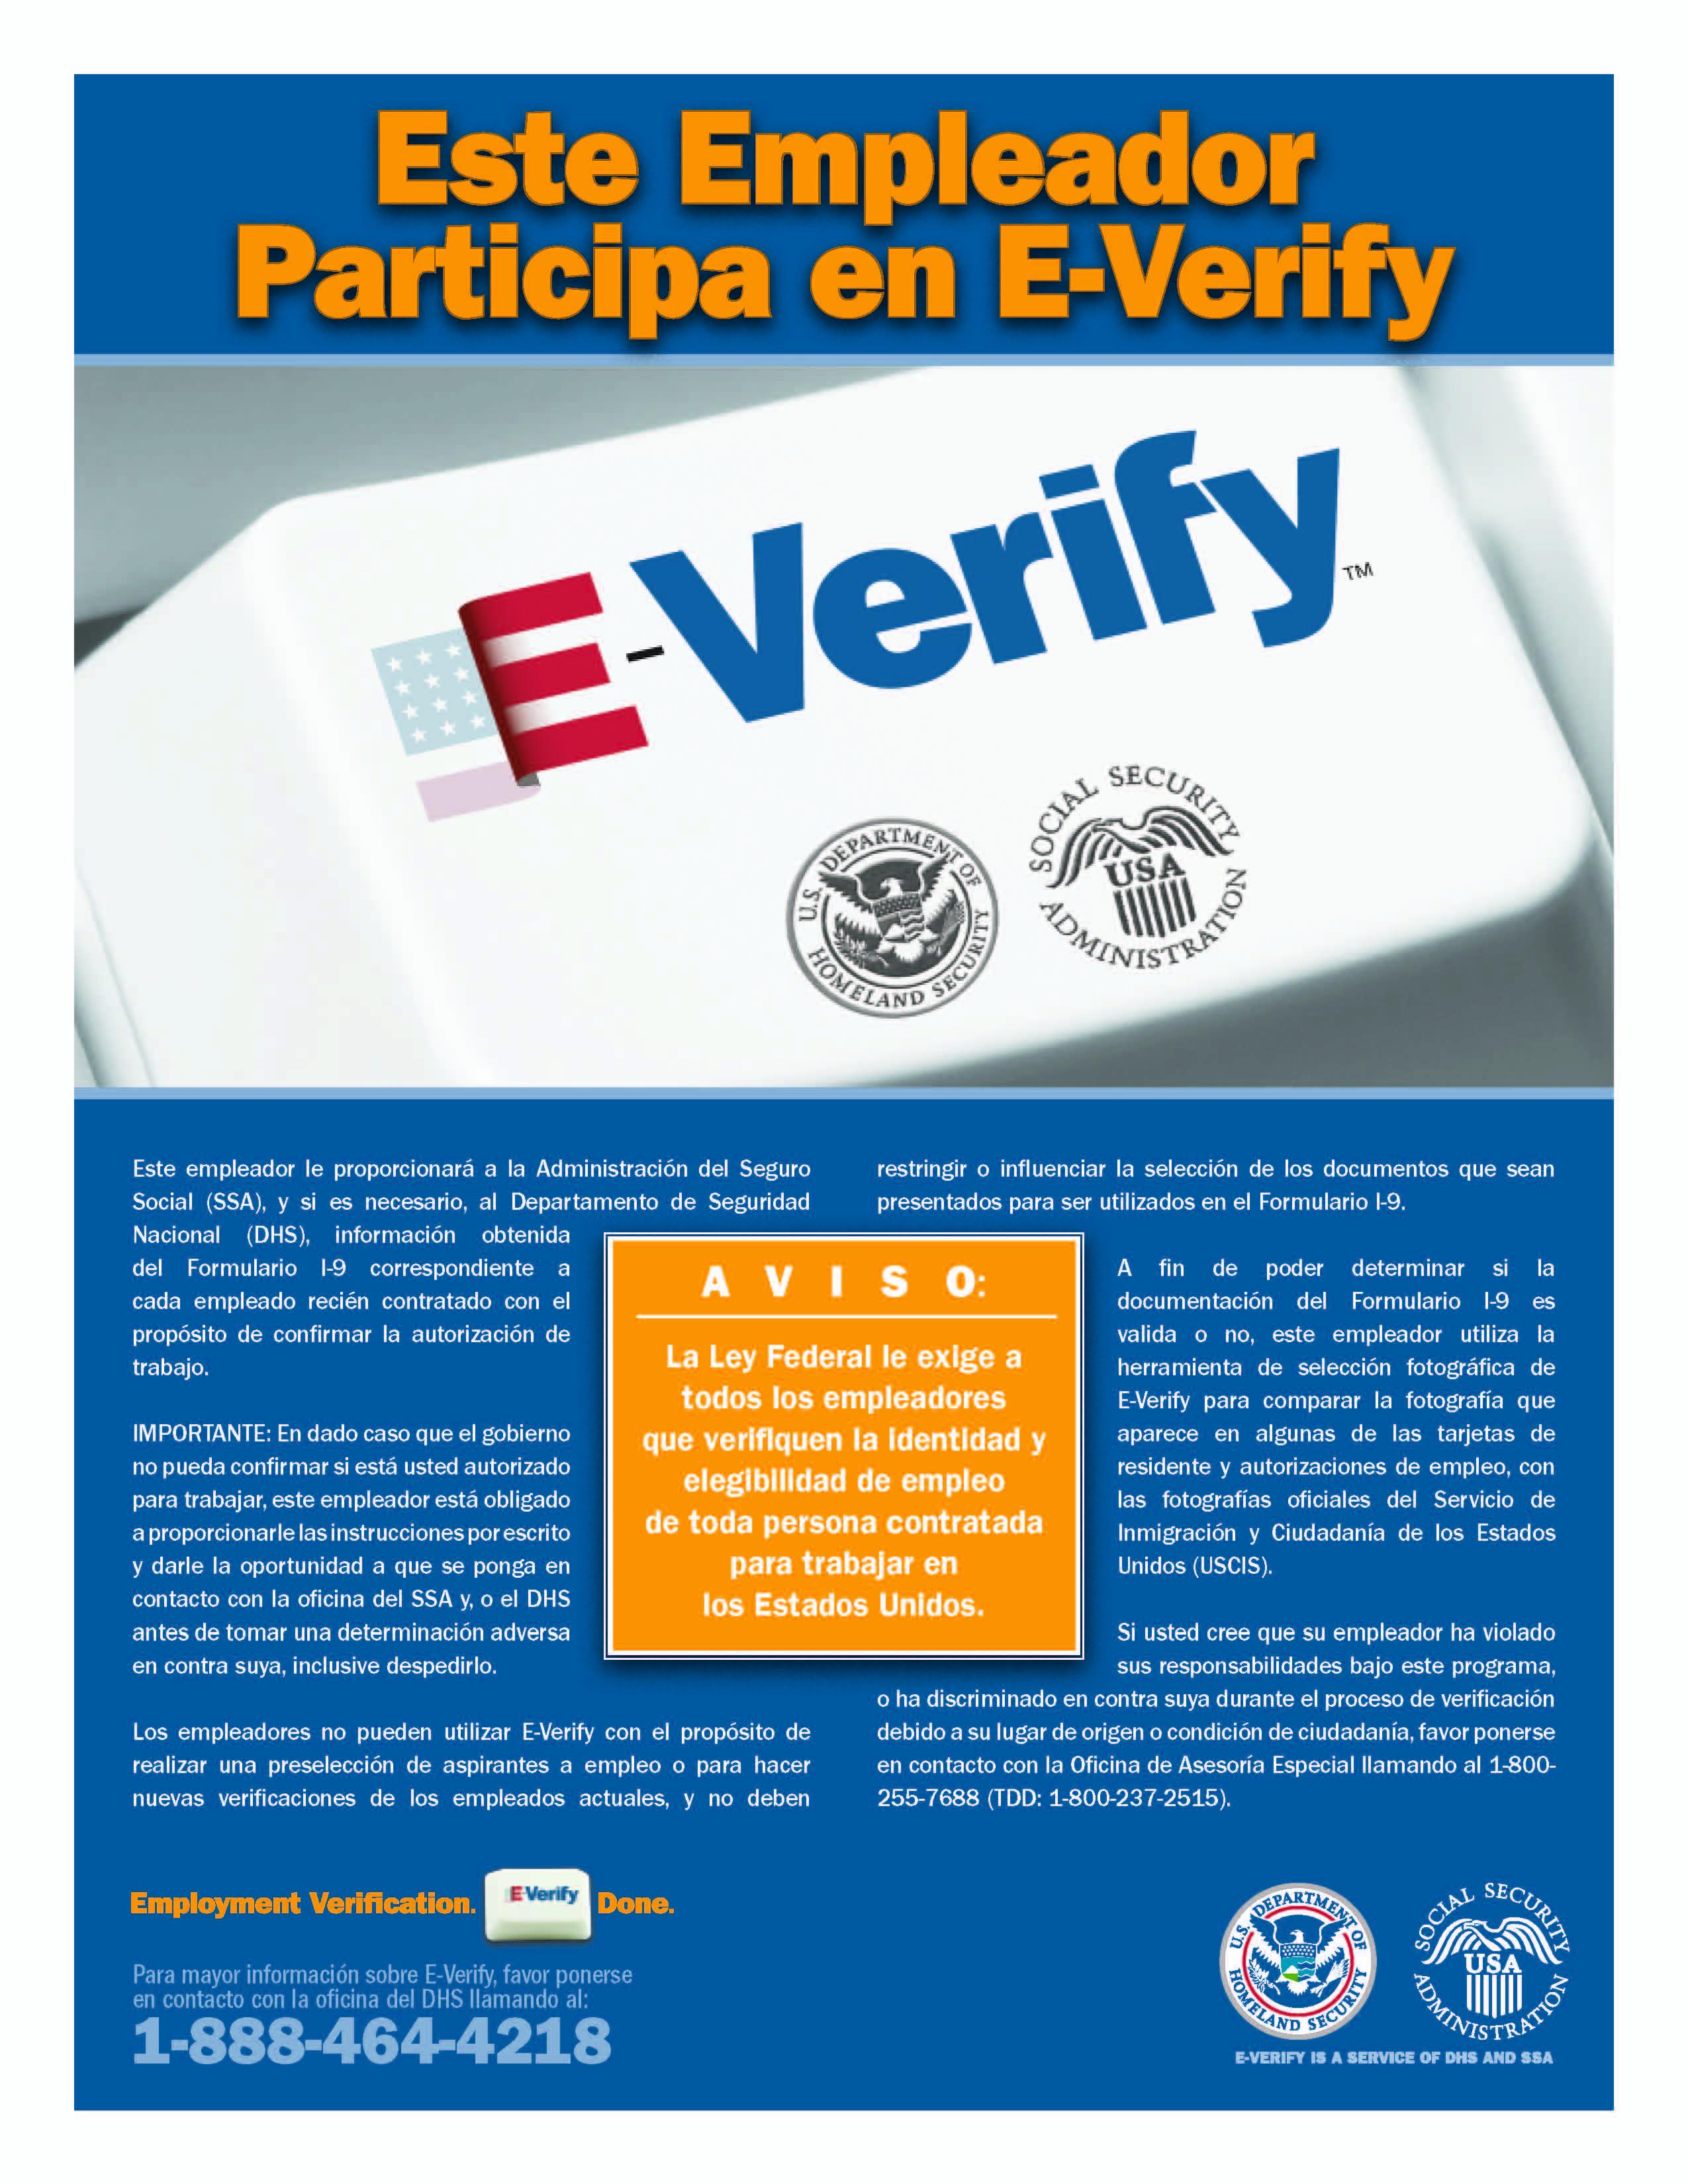 e verify poster spanish